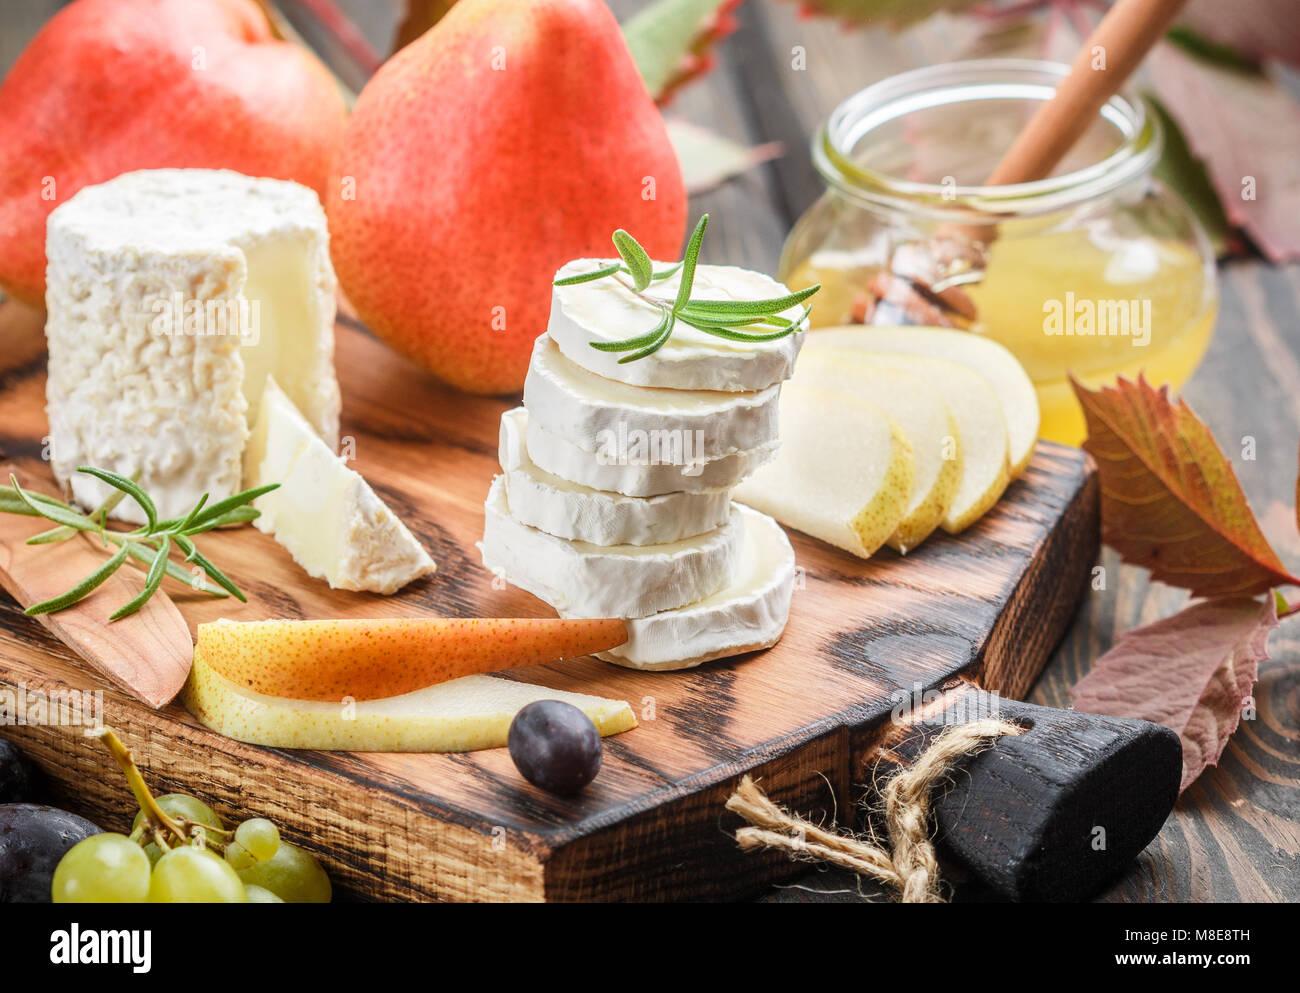 Le fromage de chèvre avec des fruits et du miel. Le Camembert. Bree. Le raisin, la poire et le romarin. Vin Photo Stock